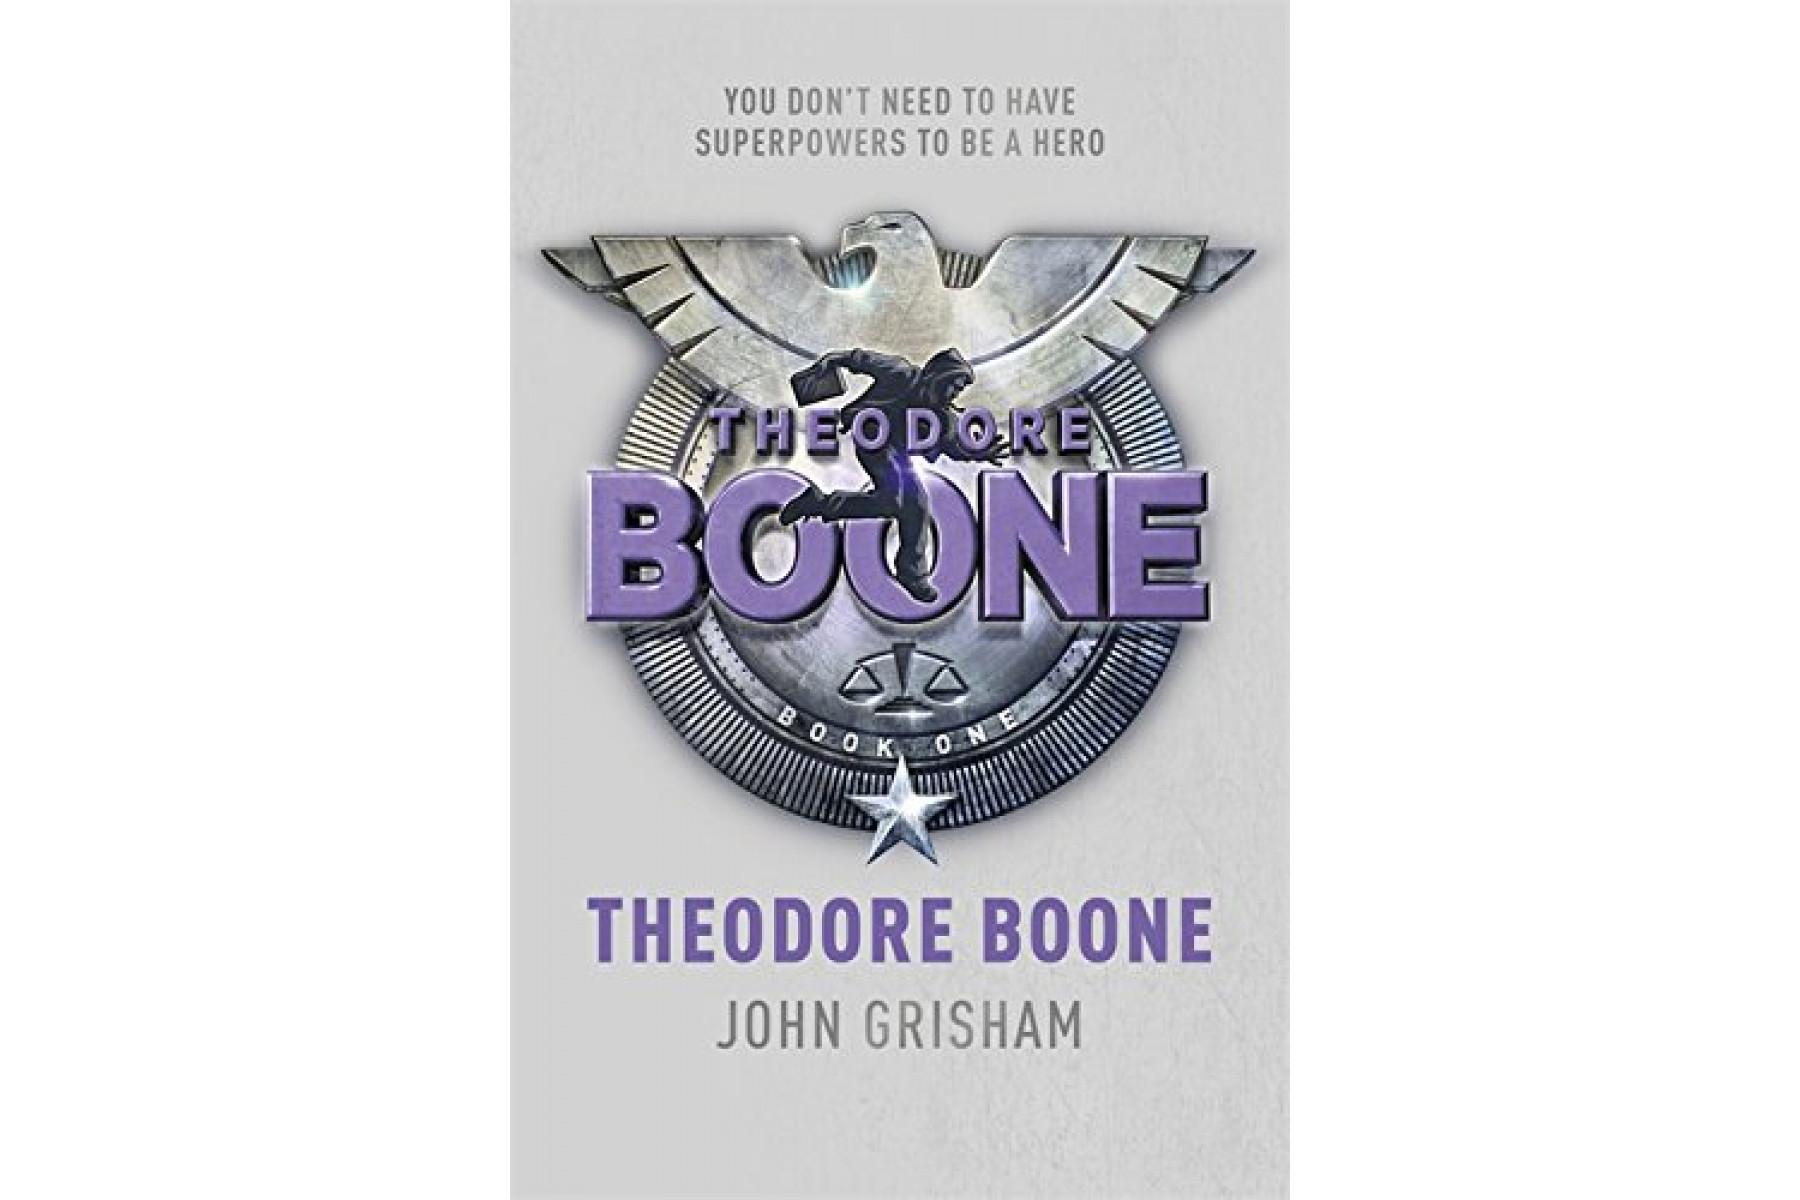 Theodore Boone. (Book 1)